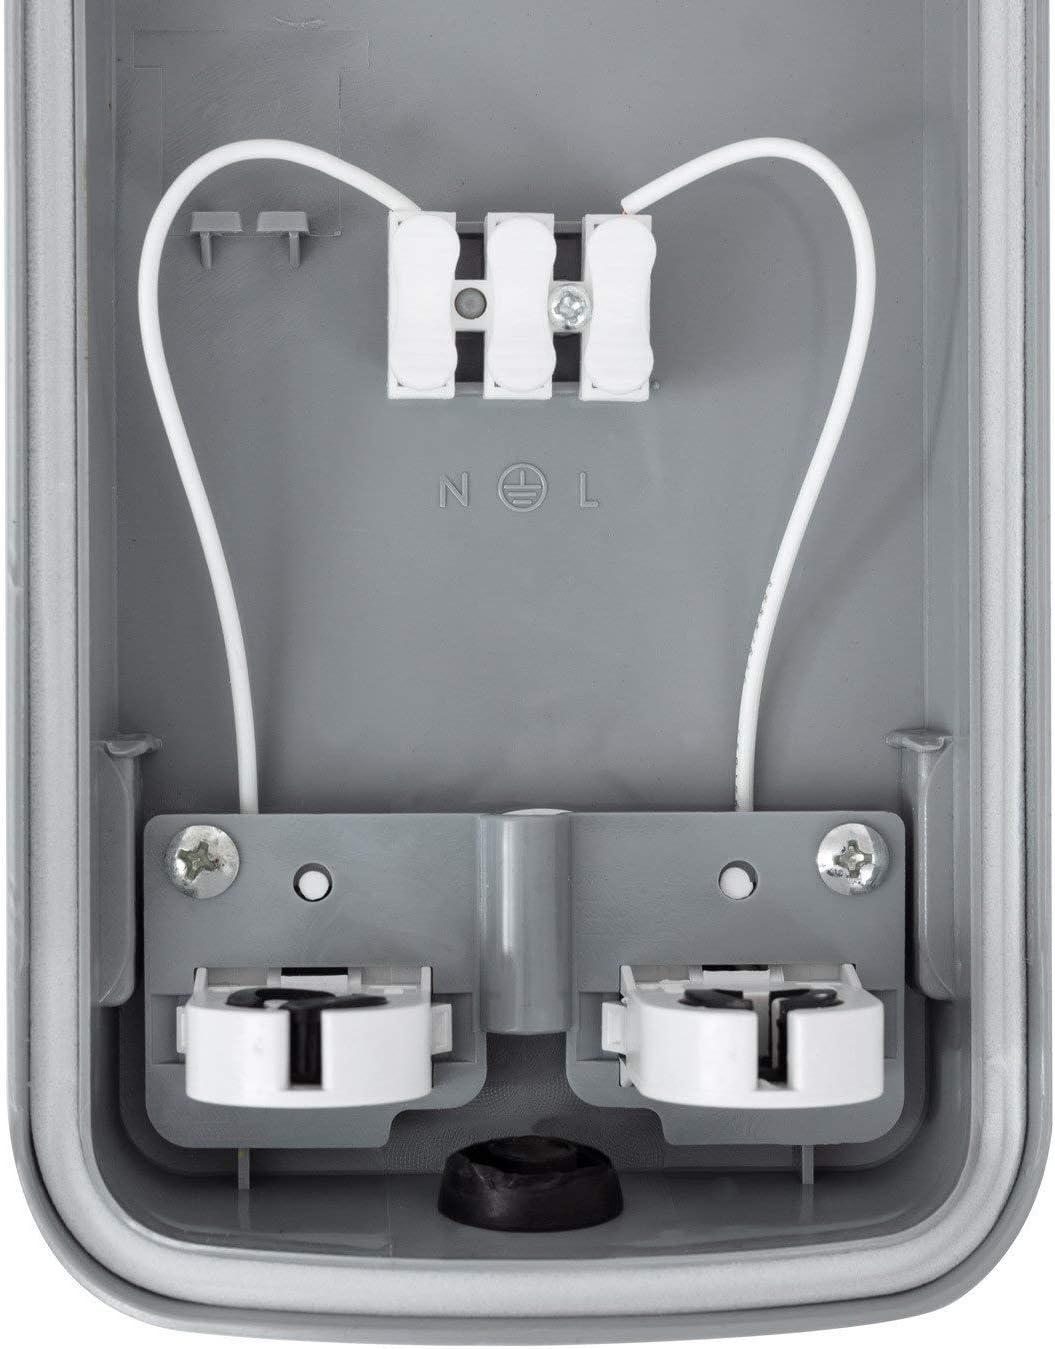 LEDKIA LIGHTING Kit Pantalla Estanca Slim con dos Tubos LED 600mm Conexi/ón un Lateral Blanco C/álido 2800K 3200K